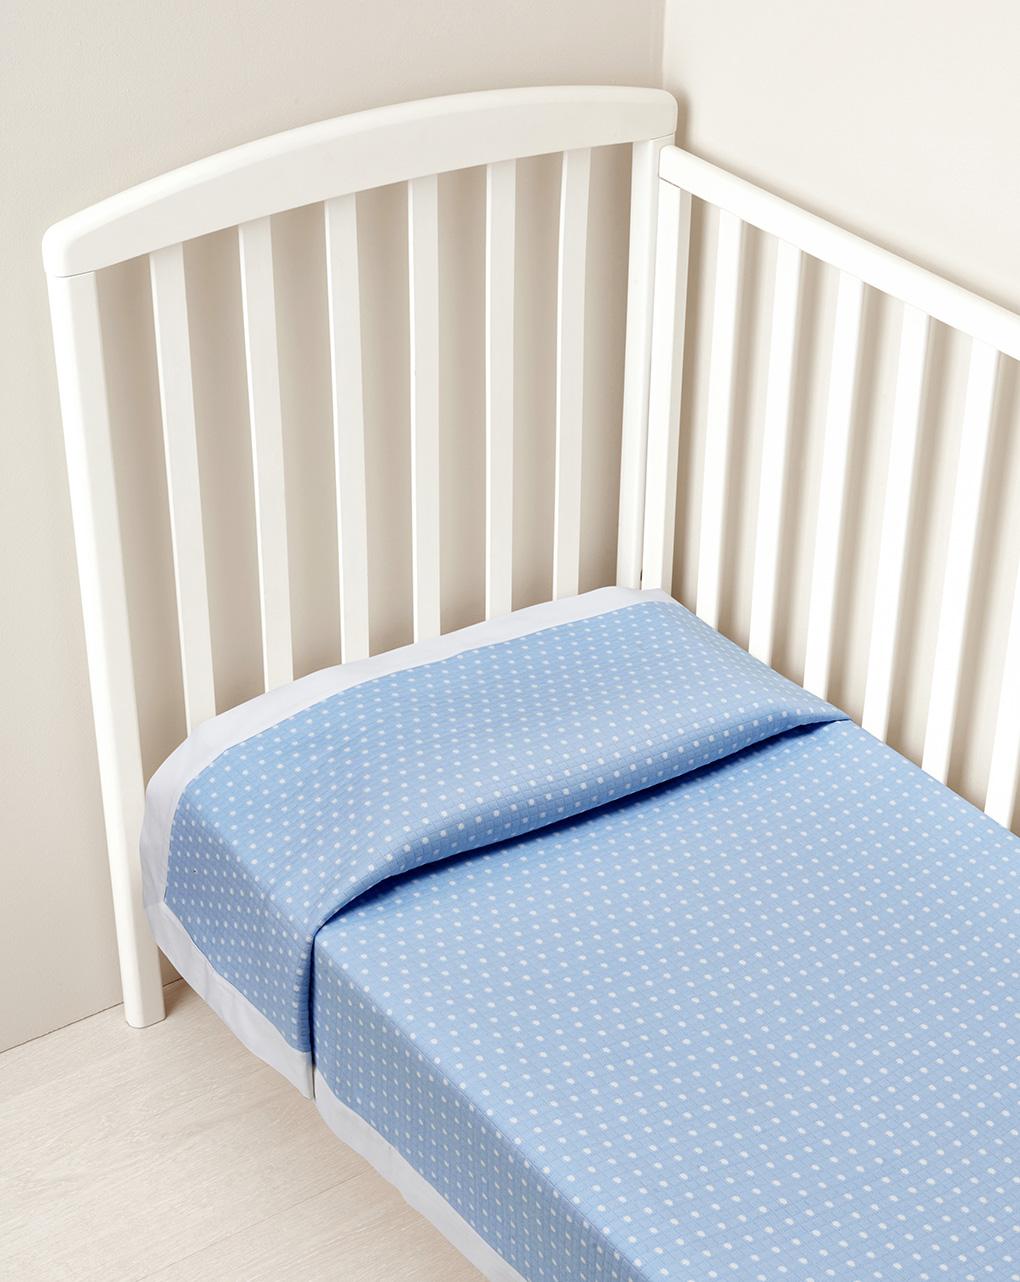 Letto - coperta letto estiva azzurra con bordo bianco - Prénatal